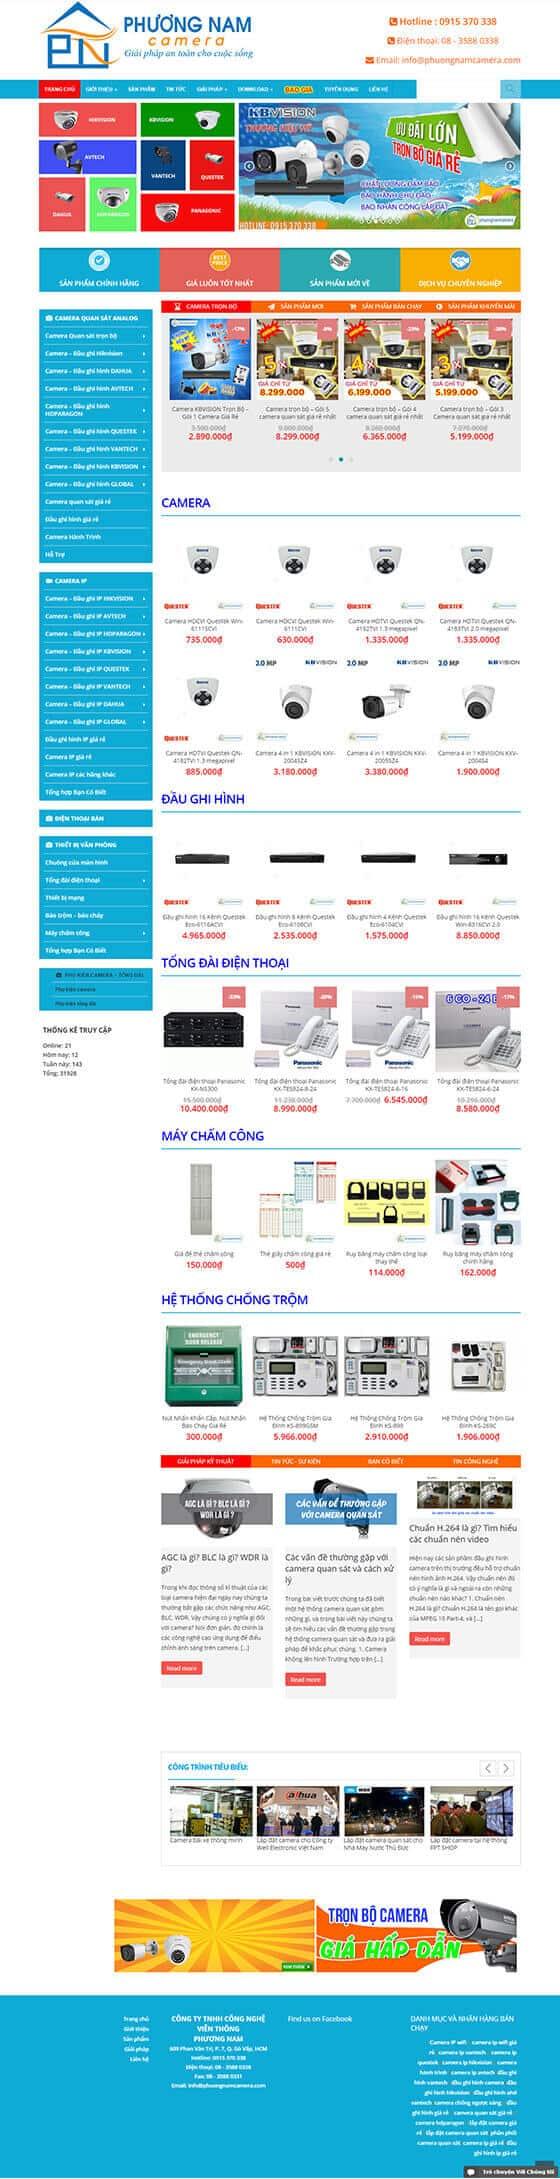 Mẫu giao diện website bán hàng, shop online 03